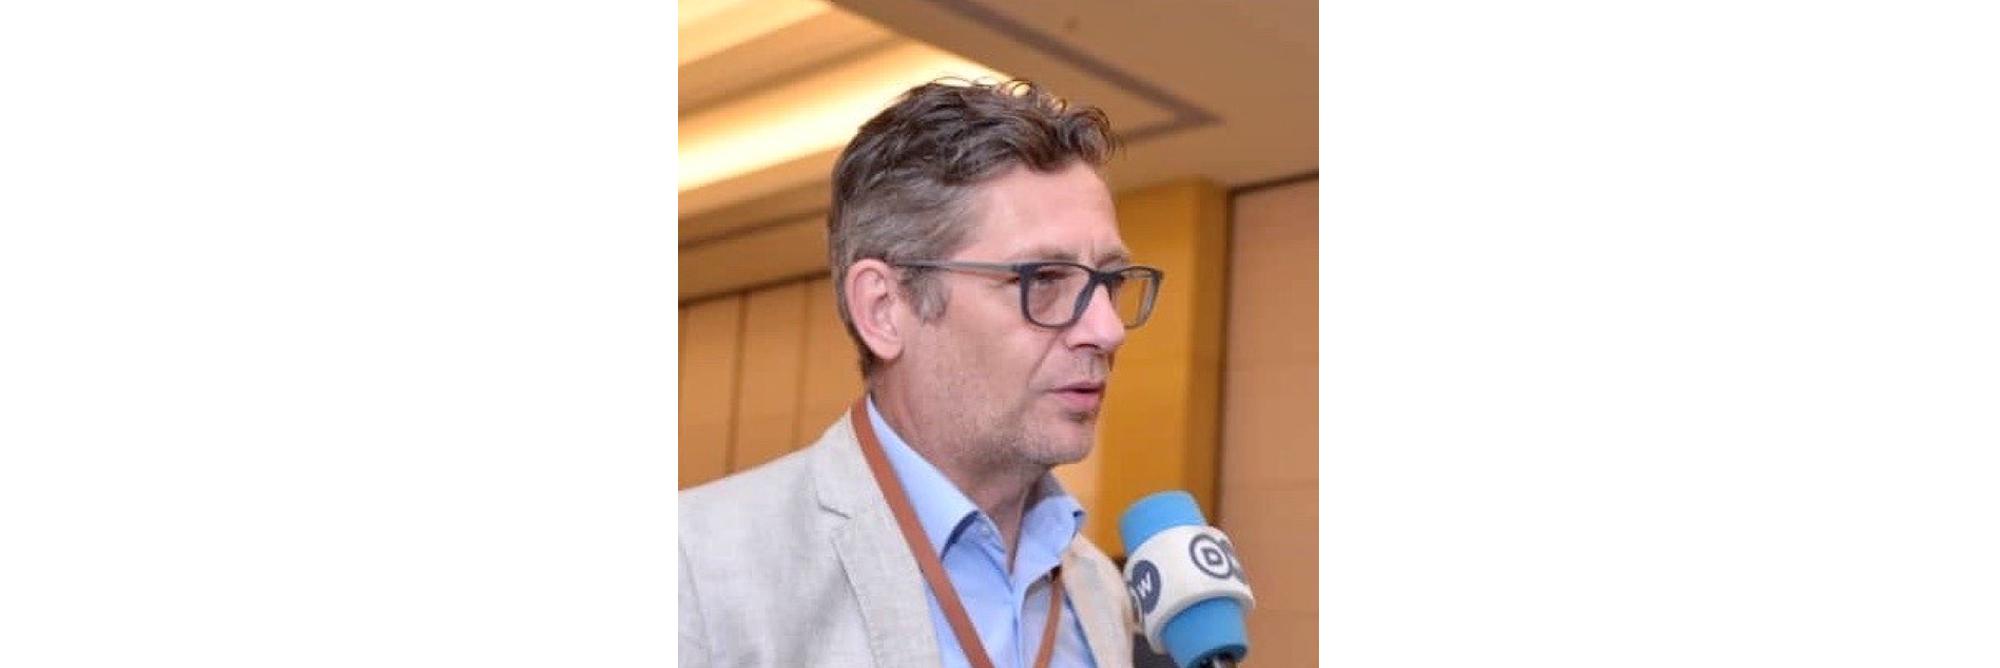 Ulrich Plein – Grüner Knopf